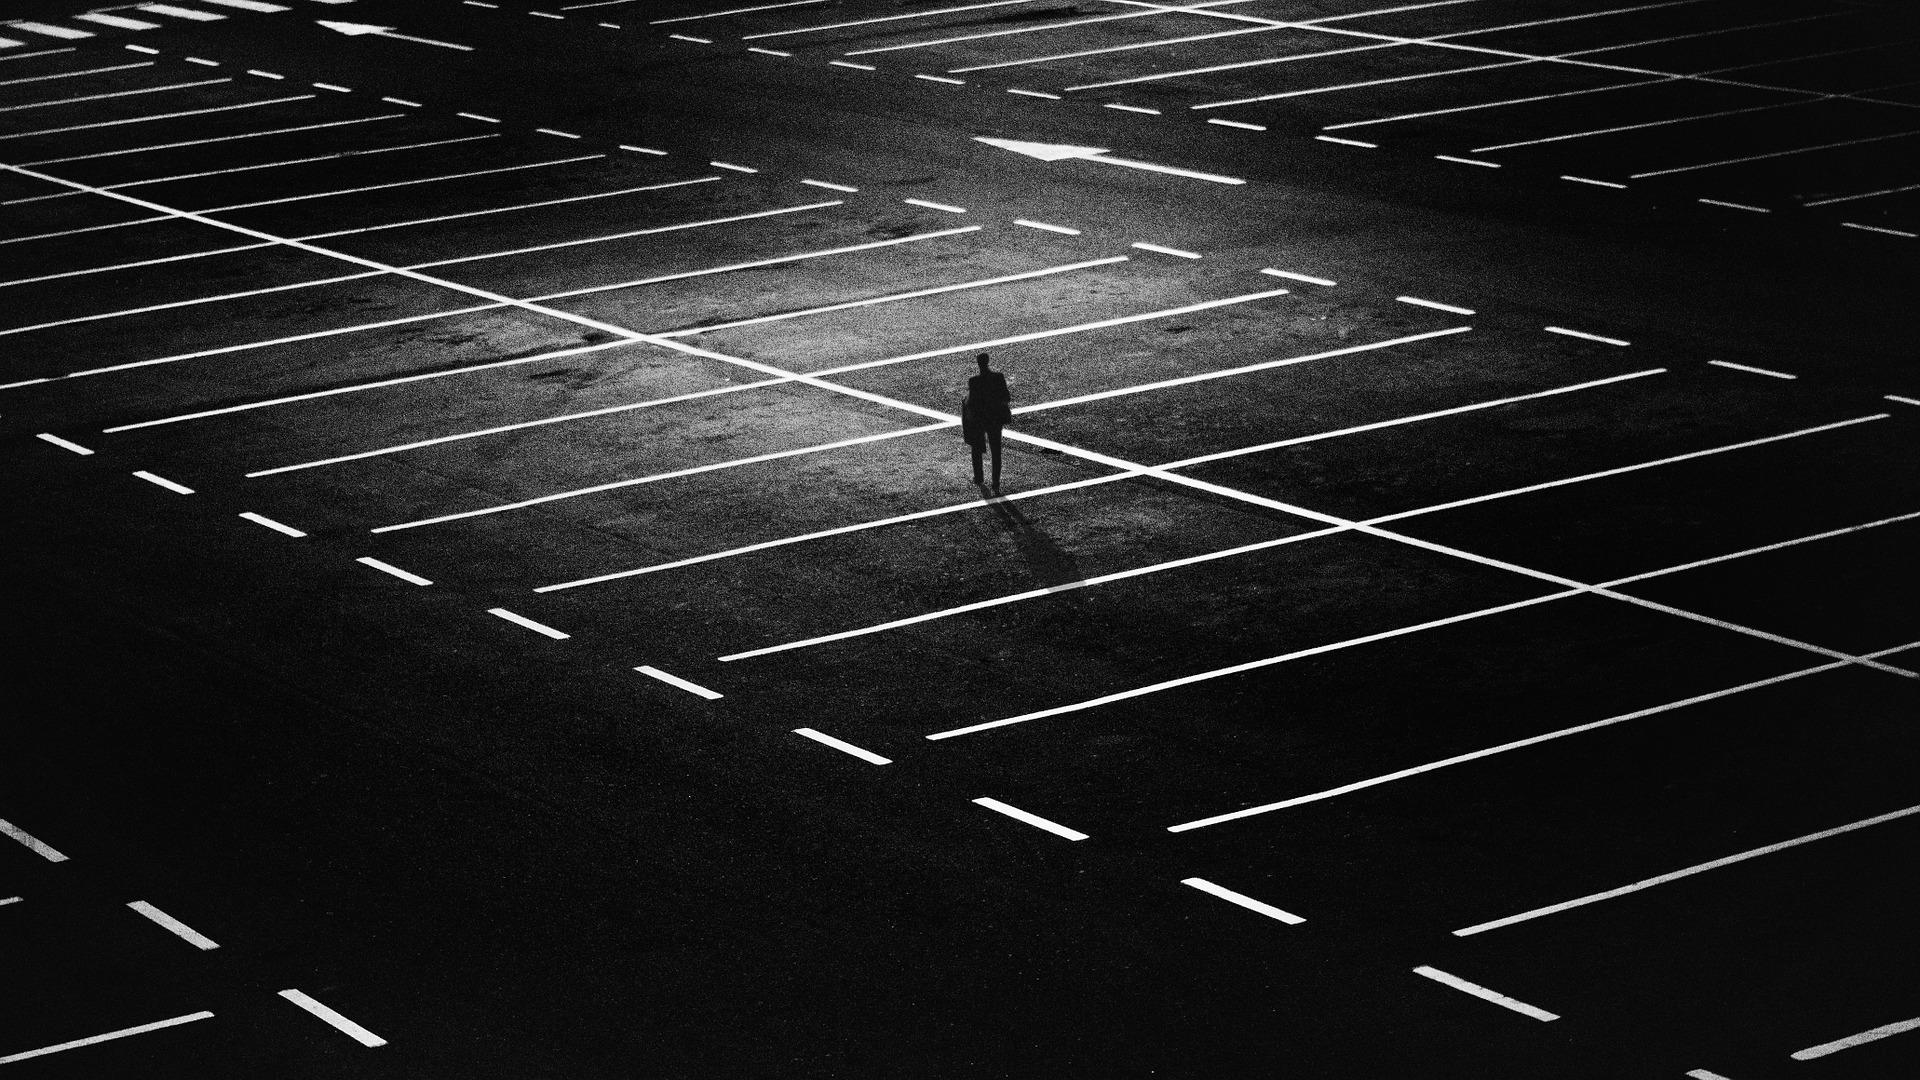 駐車場で1人ぼっちの男性